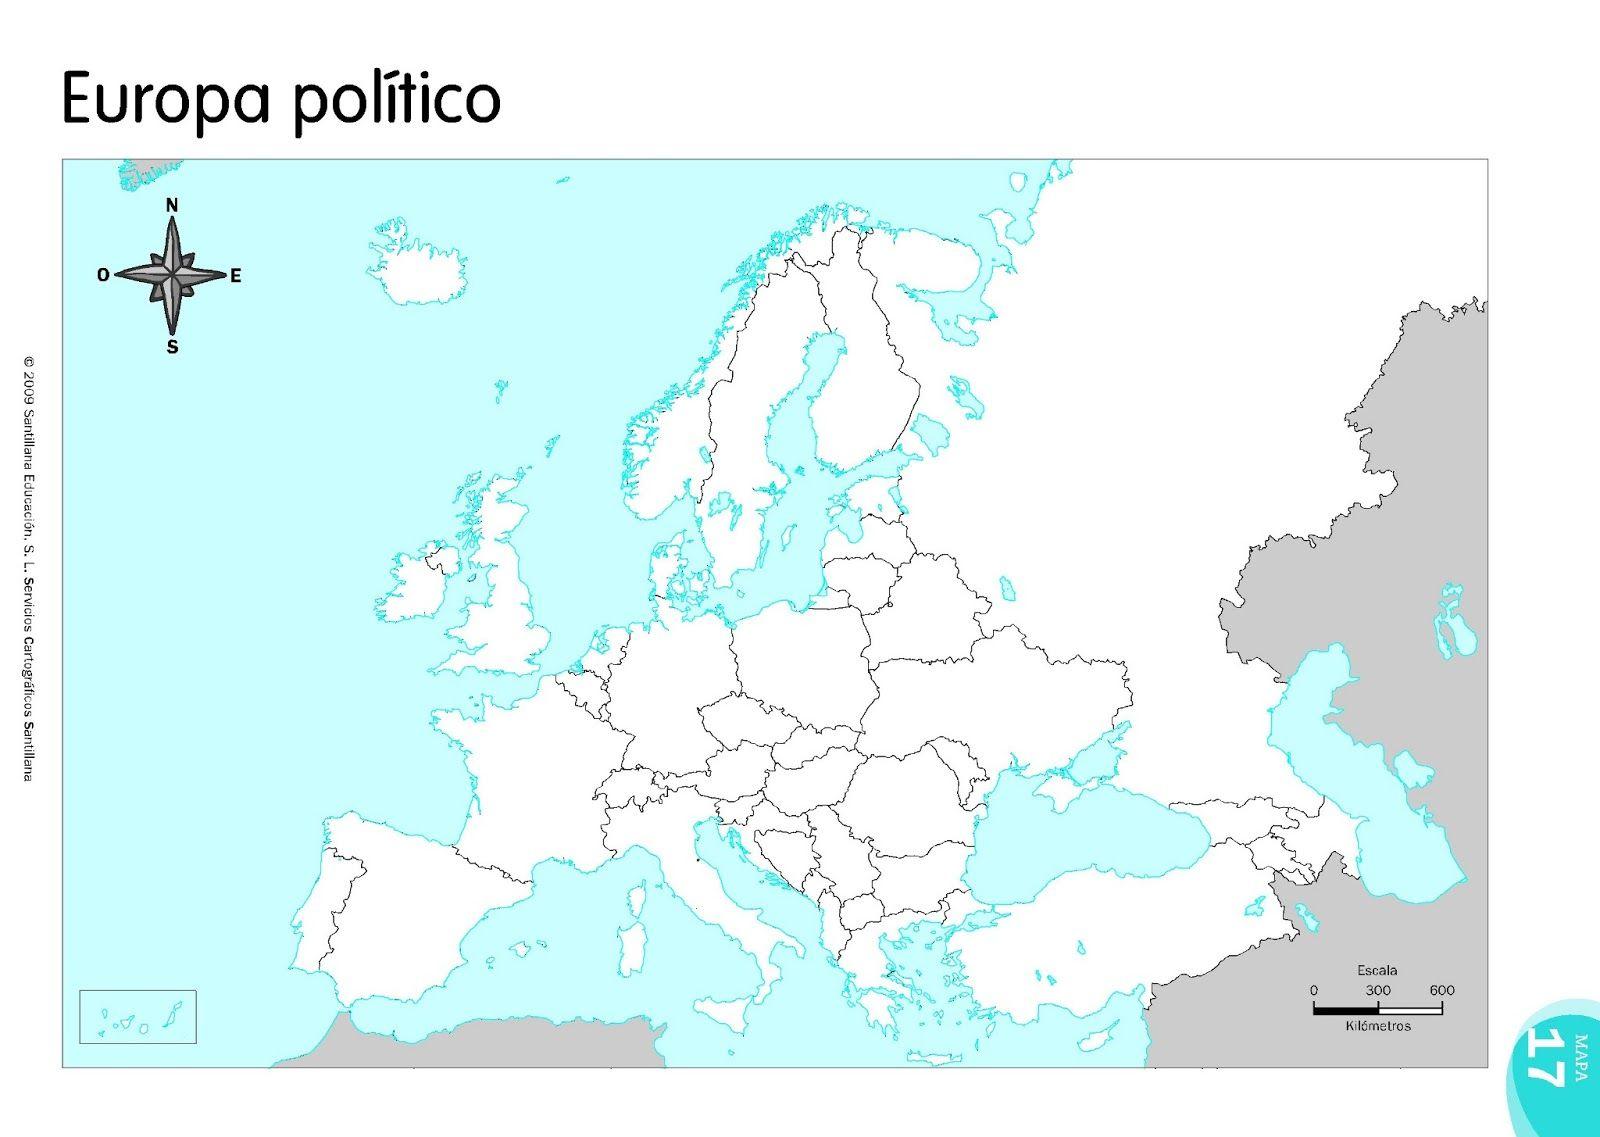 Juego Mapa Interactivo De Europa.Pin En Laminasdidacticas